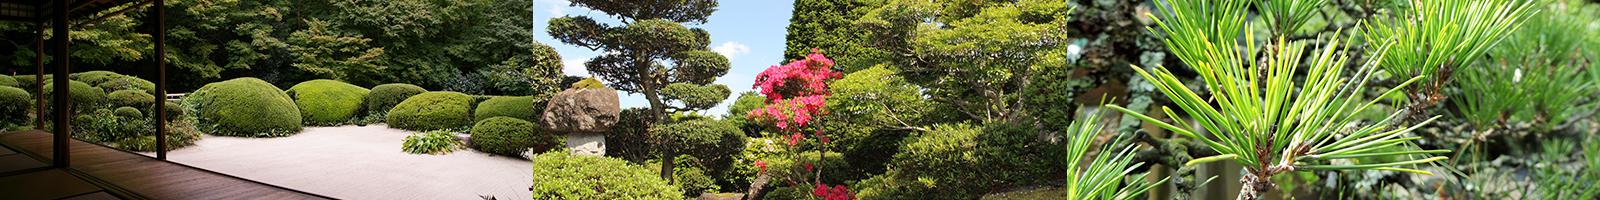 庭木のことなら金子造園におまかせください!